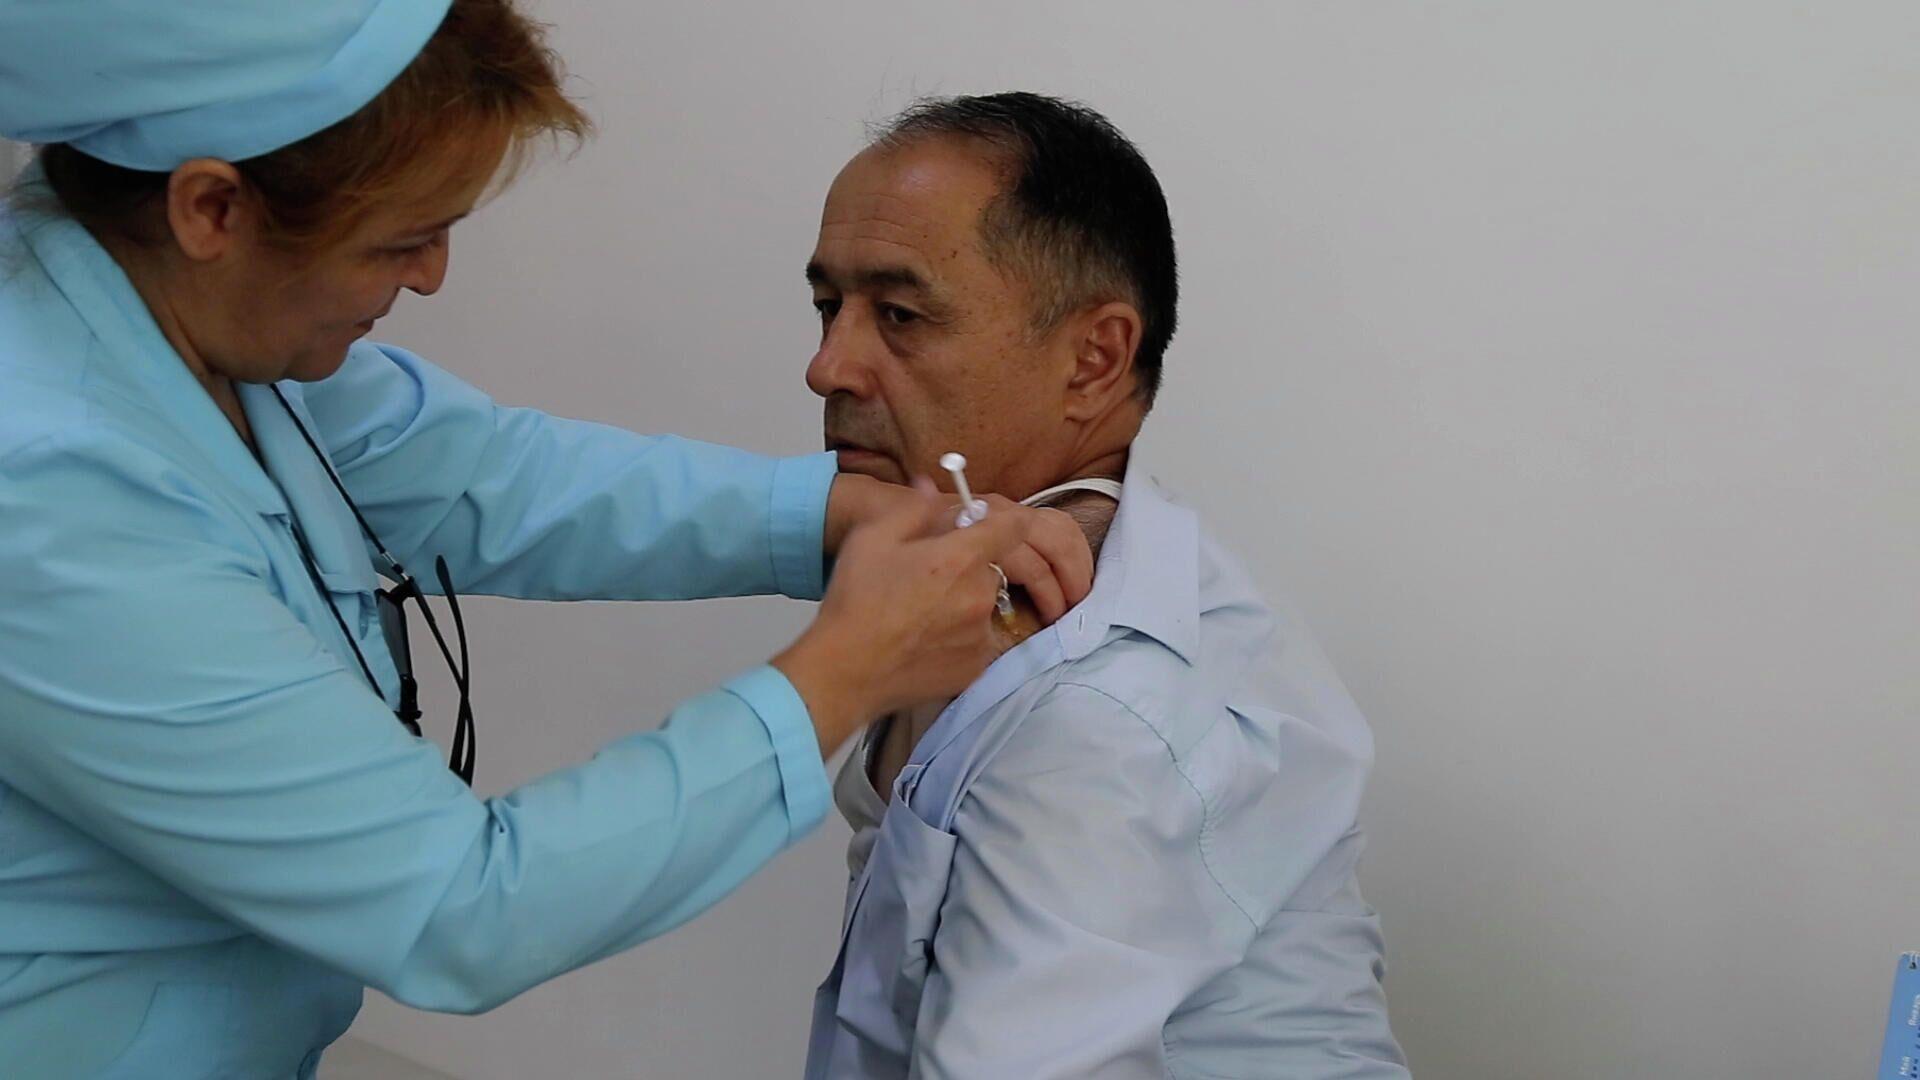 Вакцинация от коронавируса в Таджикистане - Sputnik Таджикистан, 1920, 02.09.2021